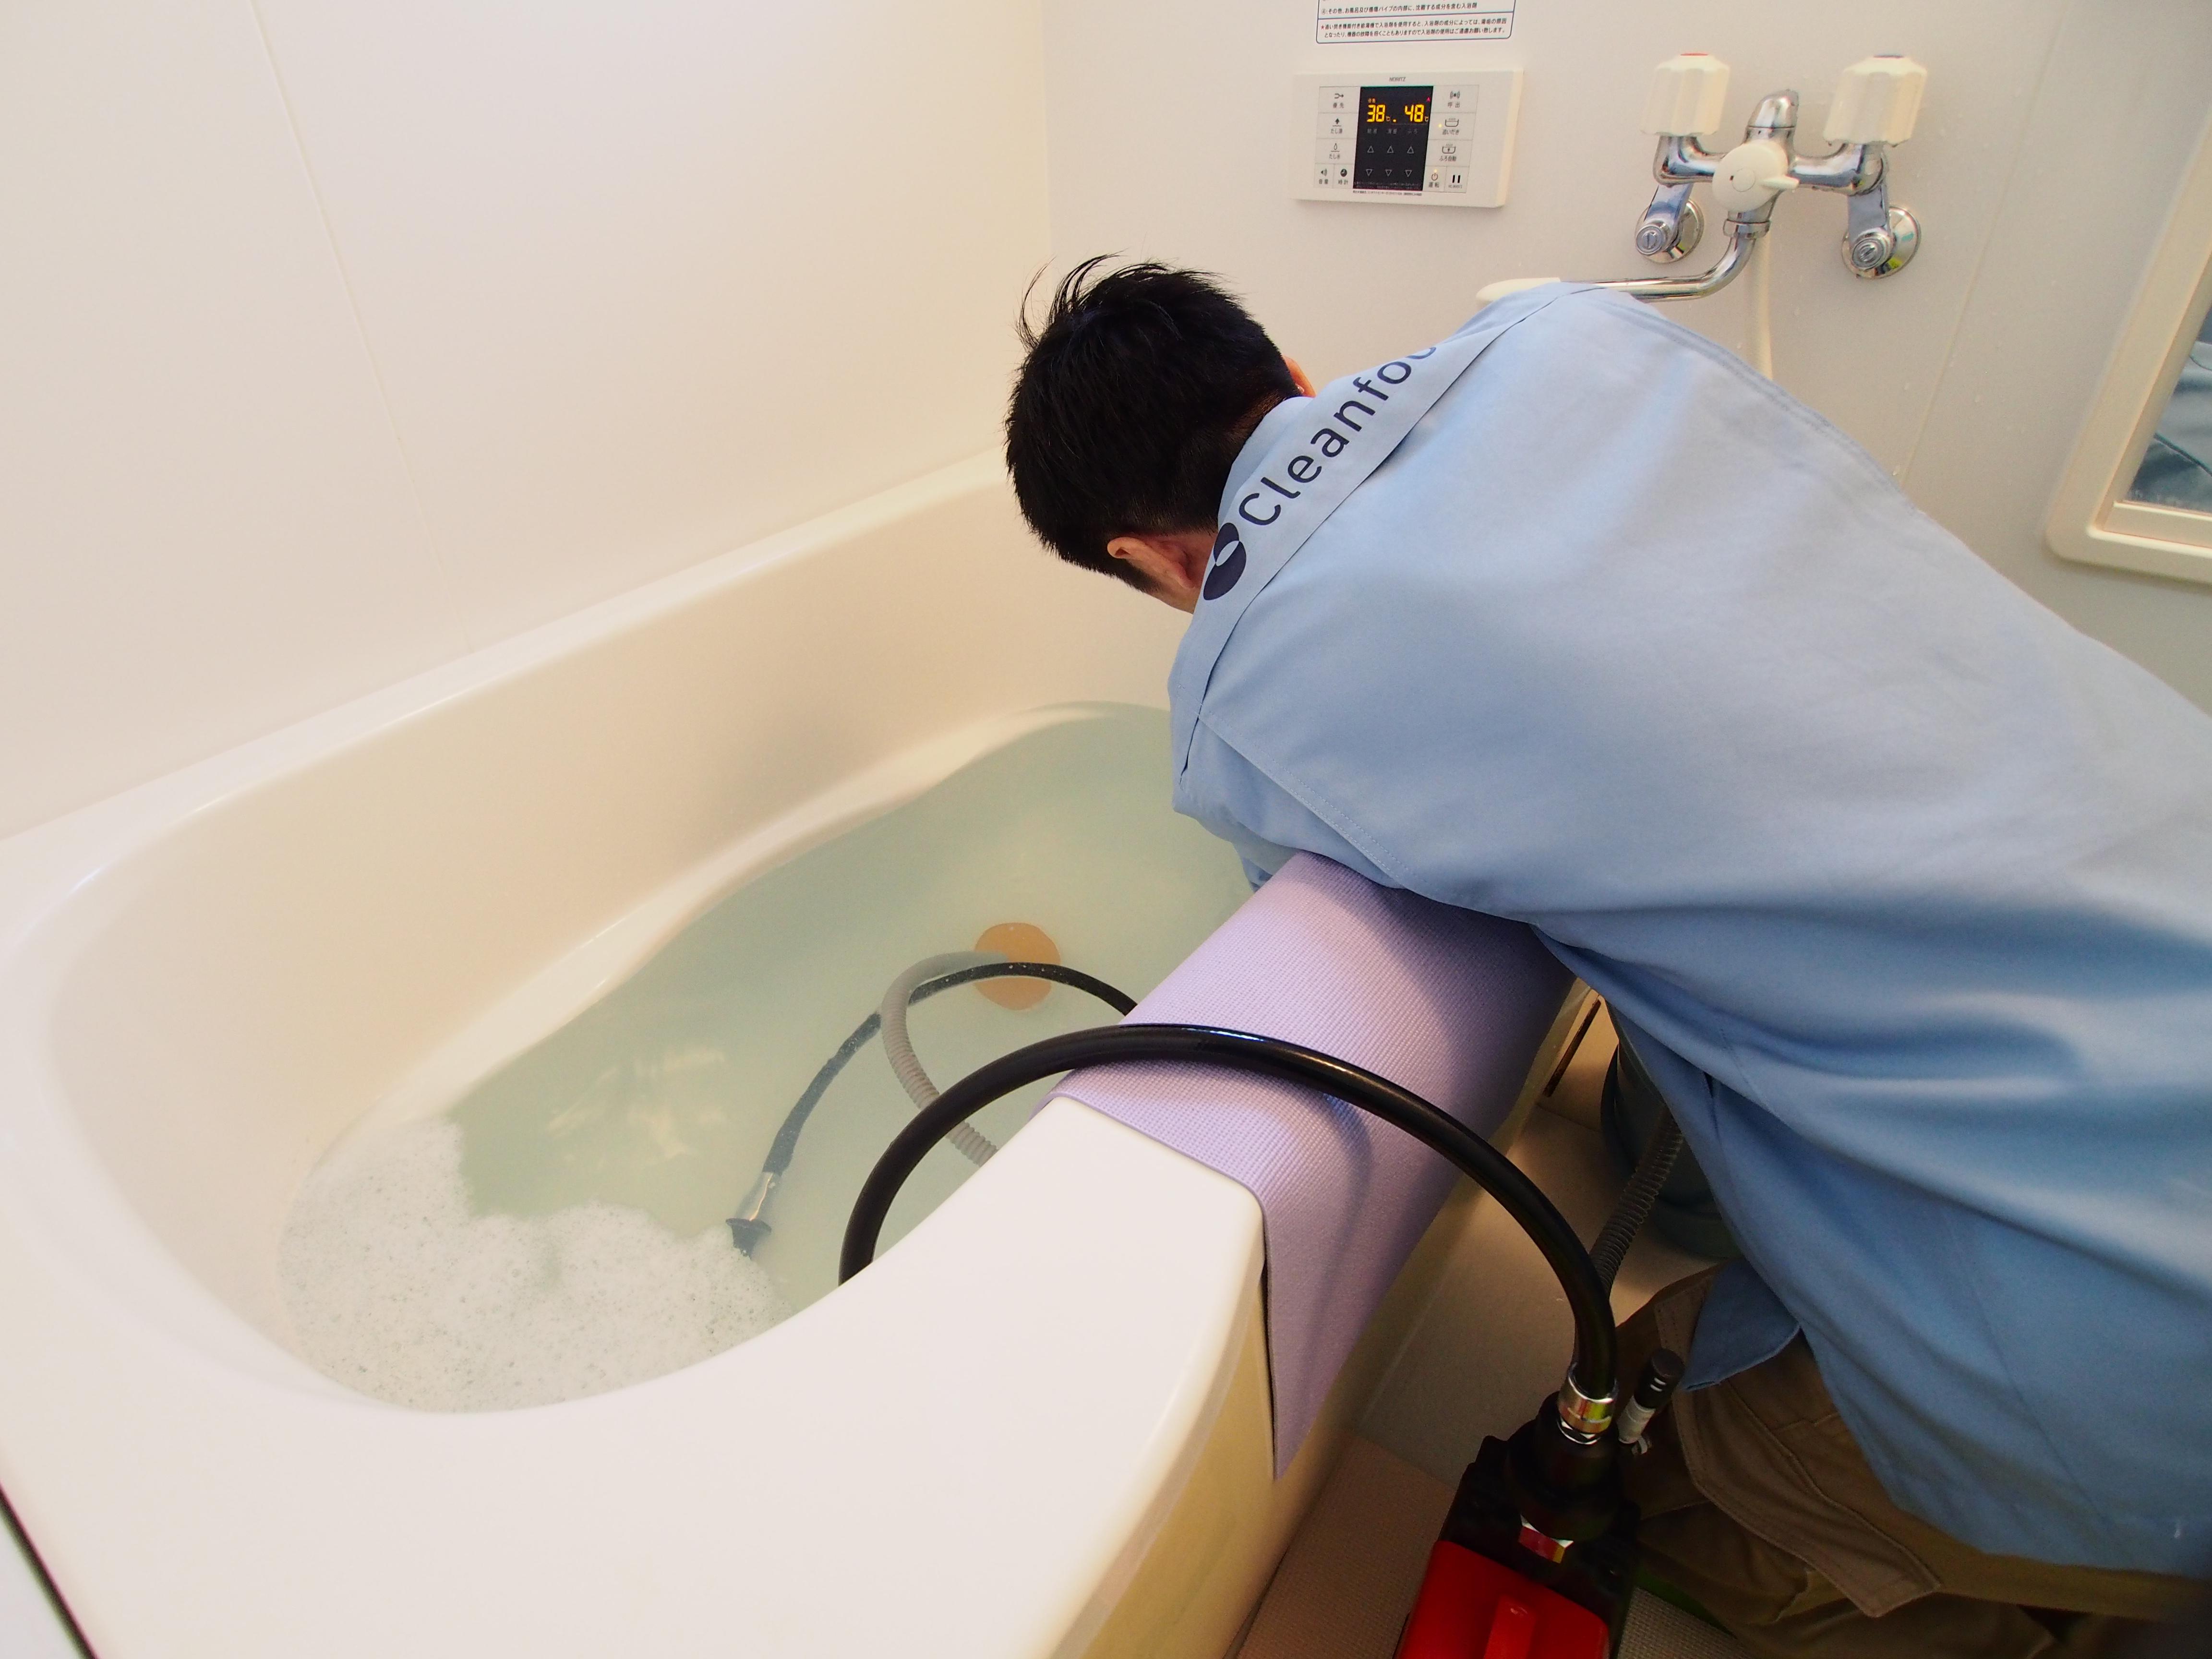 風呂釜配管クリーニング